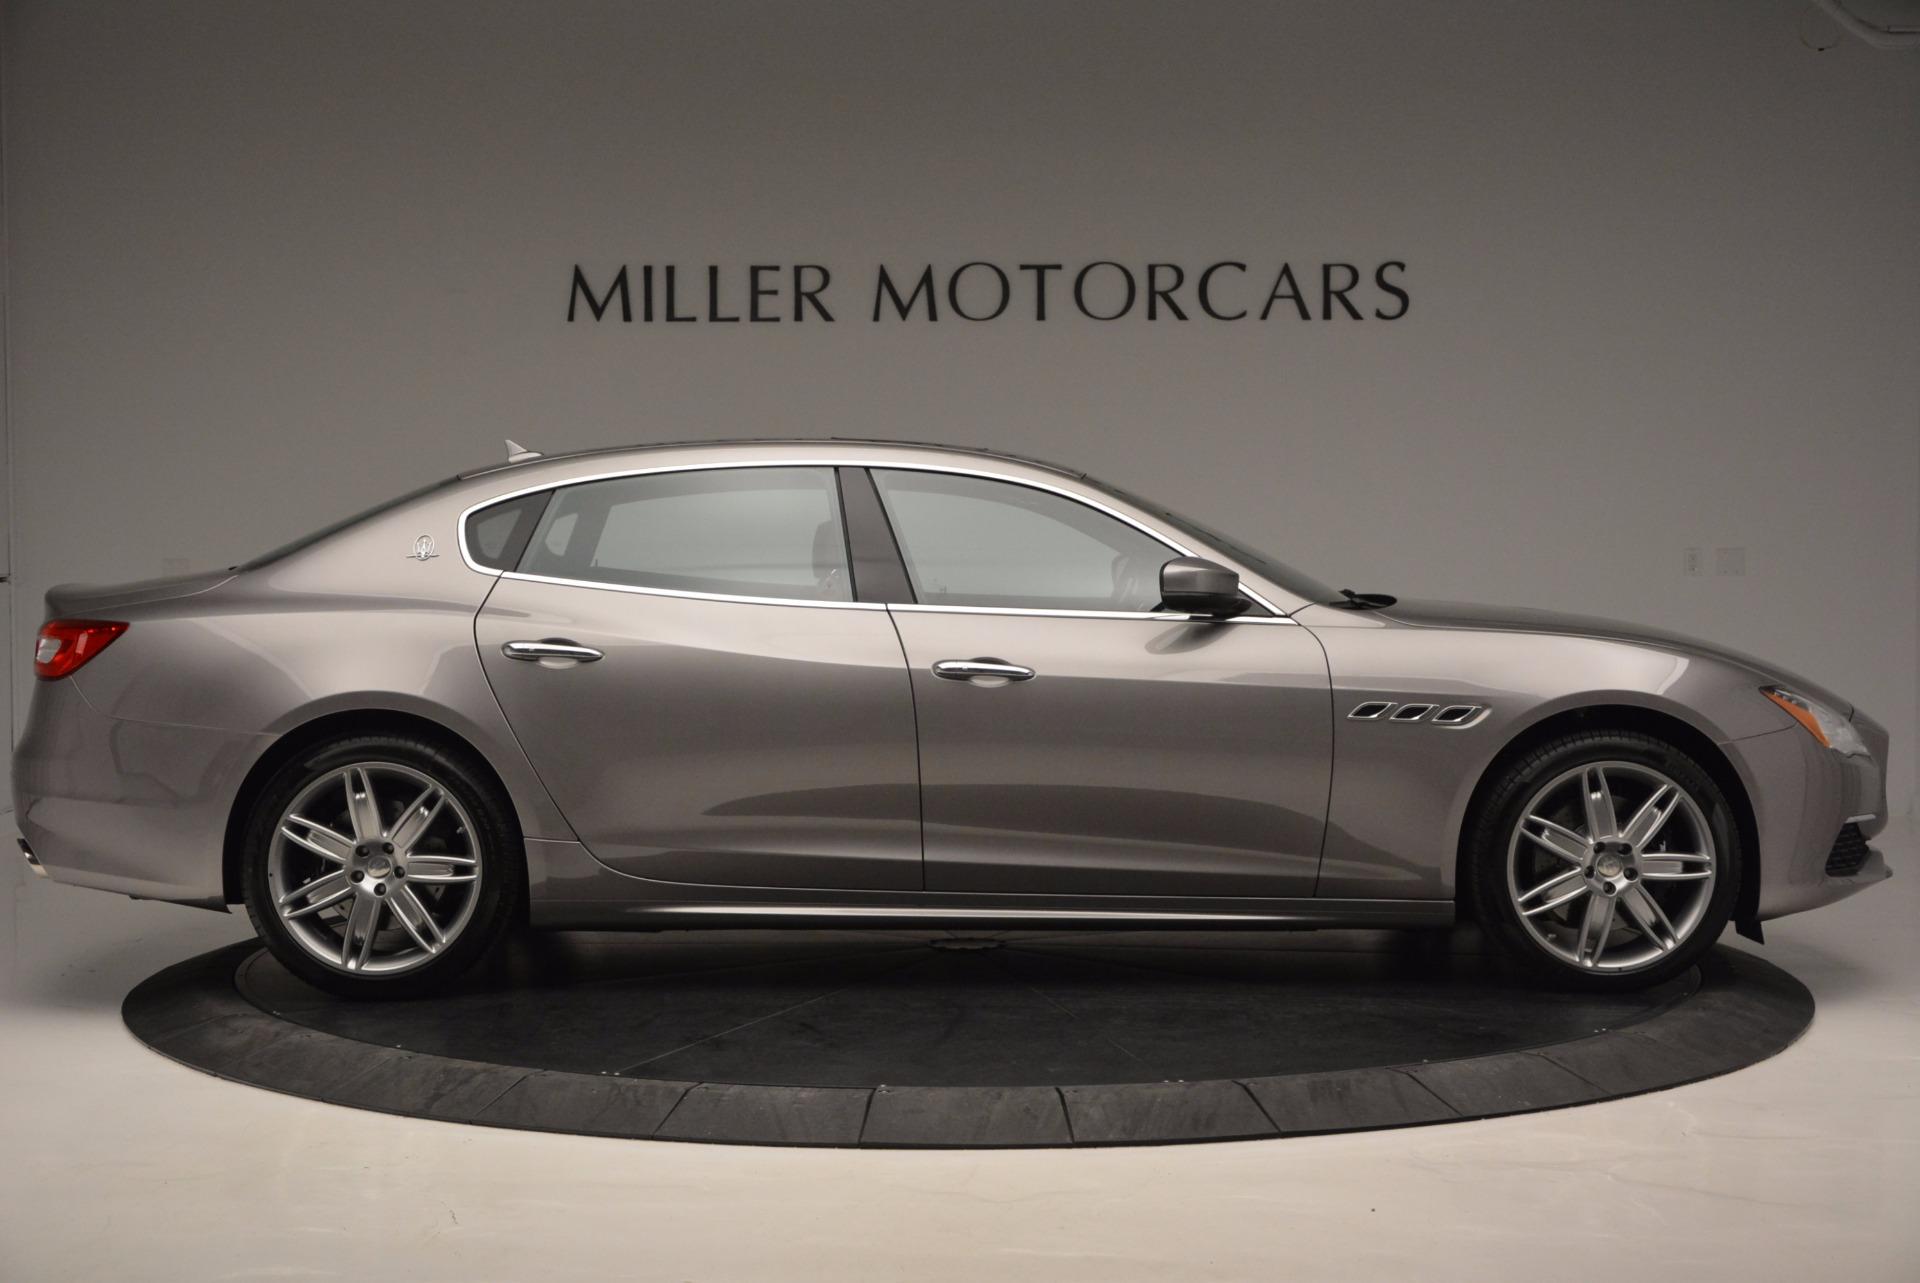 New 2017 Maserati Quattroporte S Q4 GranLusso For Sale In Greenwich, CT 1422_p9